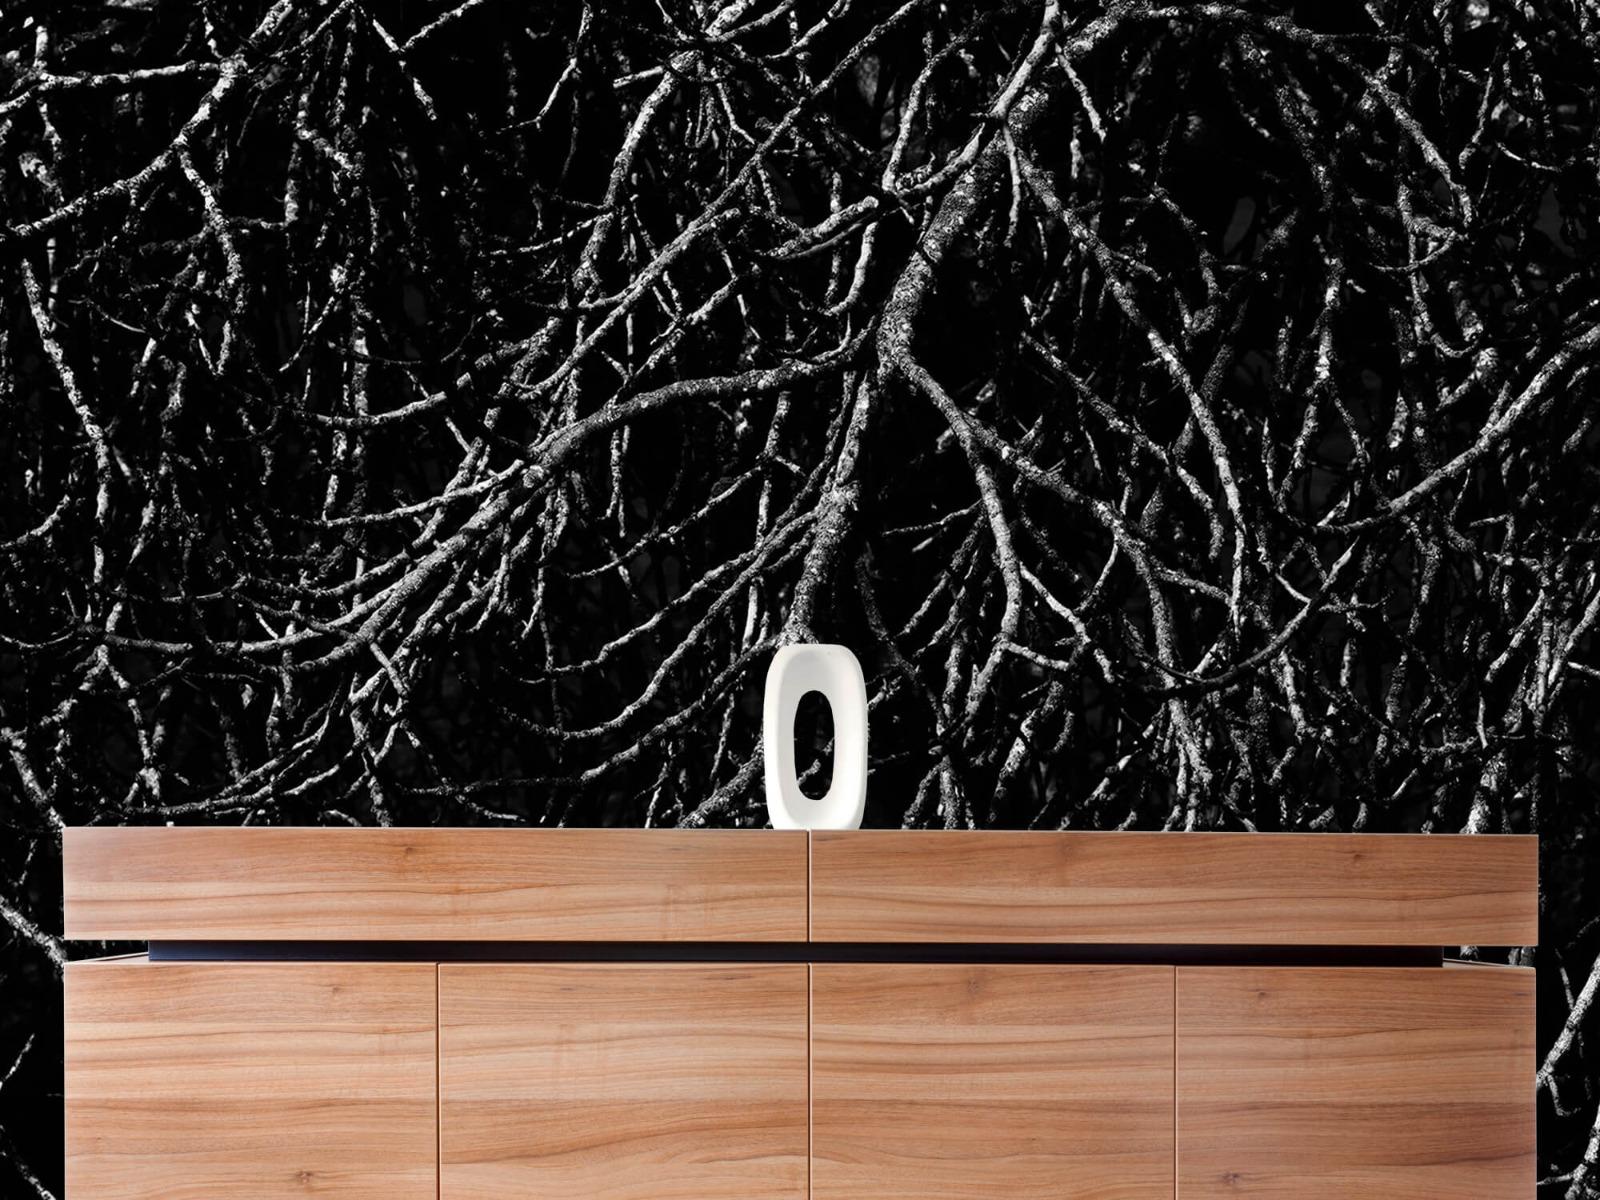 Zwart Wit behang - Boomtakken in zwart wit - Magazijn 1